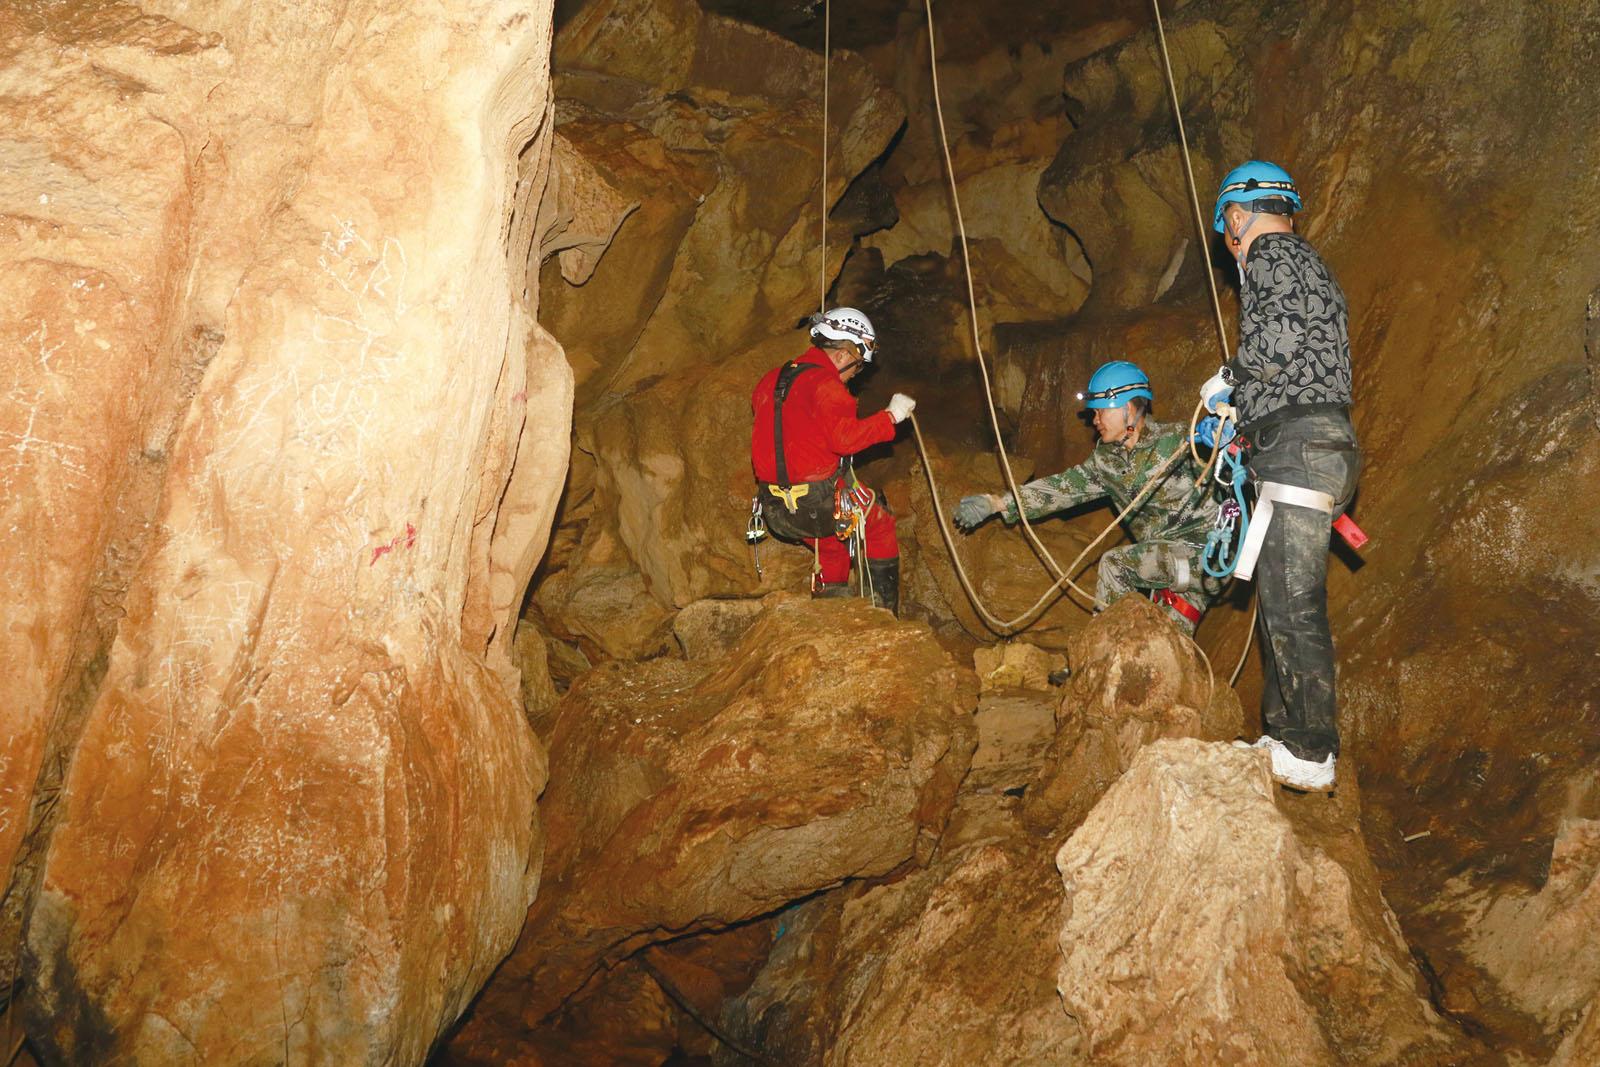 牛脚洞救援演练去看未曾见过的地下世界